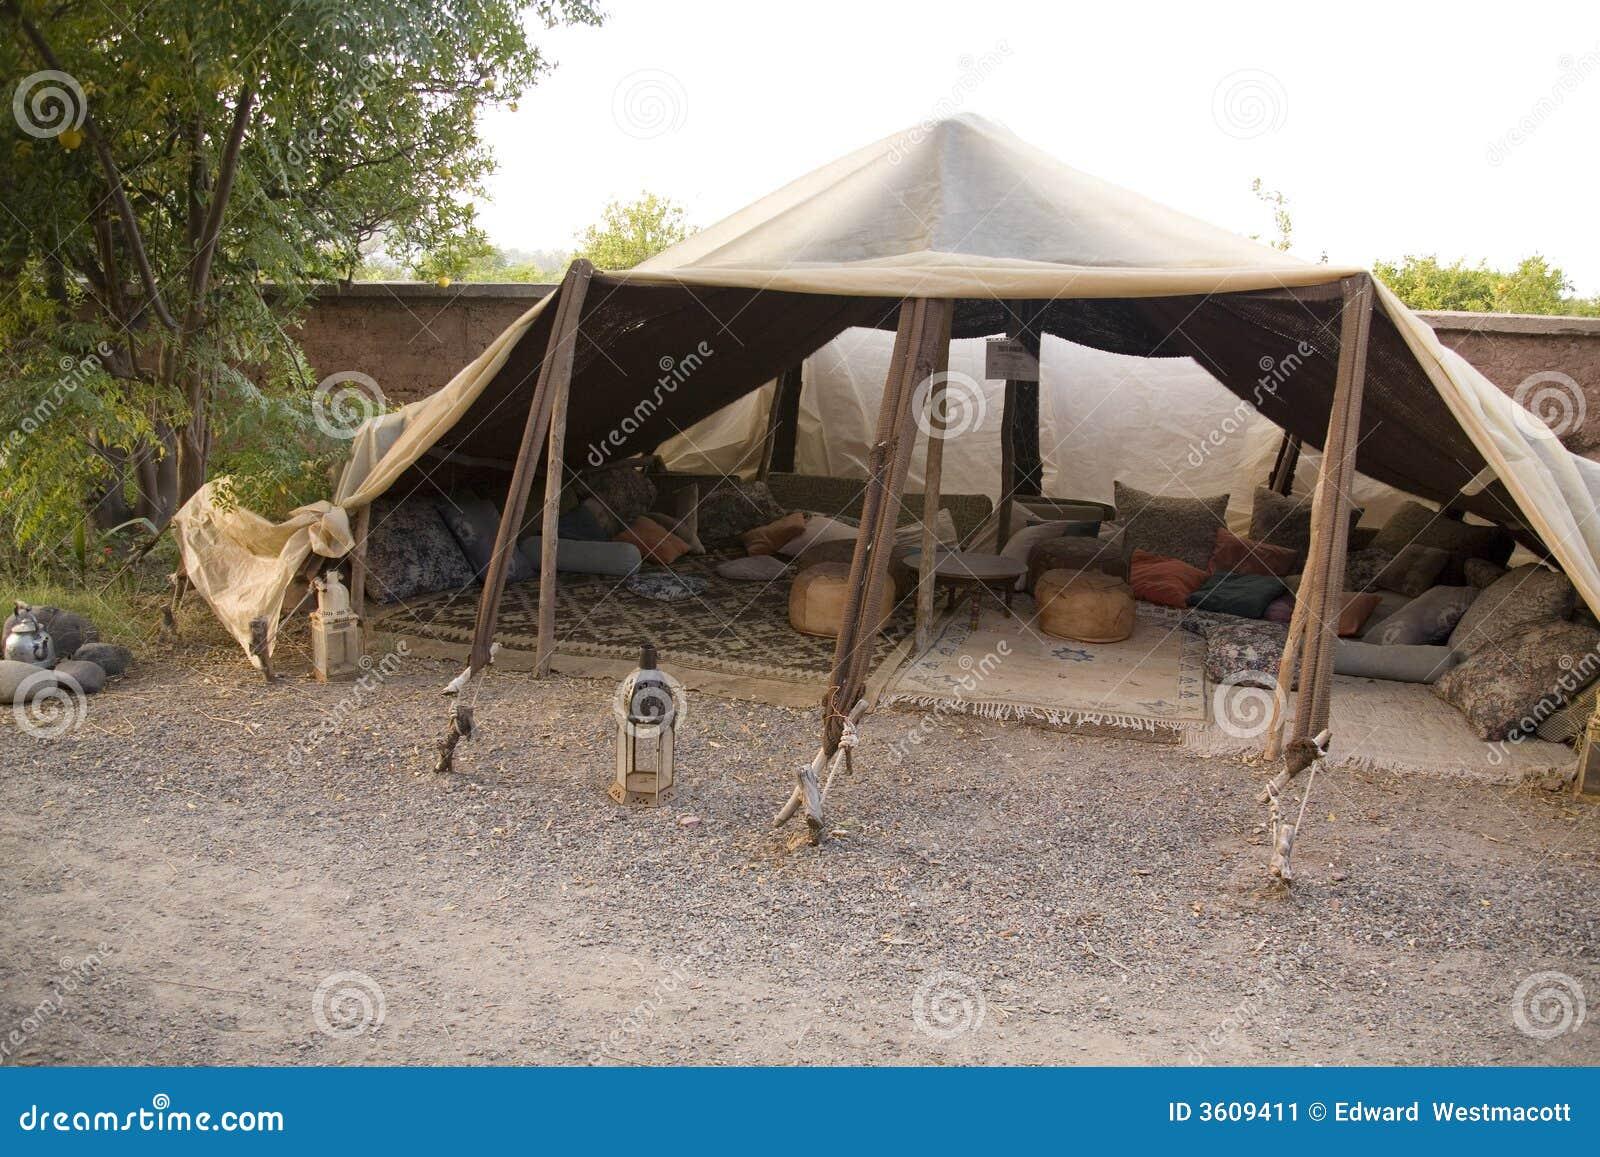 Berber tent in Morocco  sc 1 st  Dreamstime.com & Berber tent in Morocco stock image. Image of berber portable ...